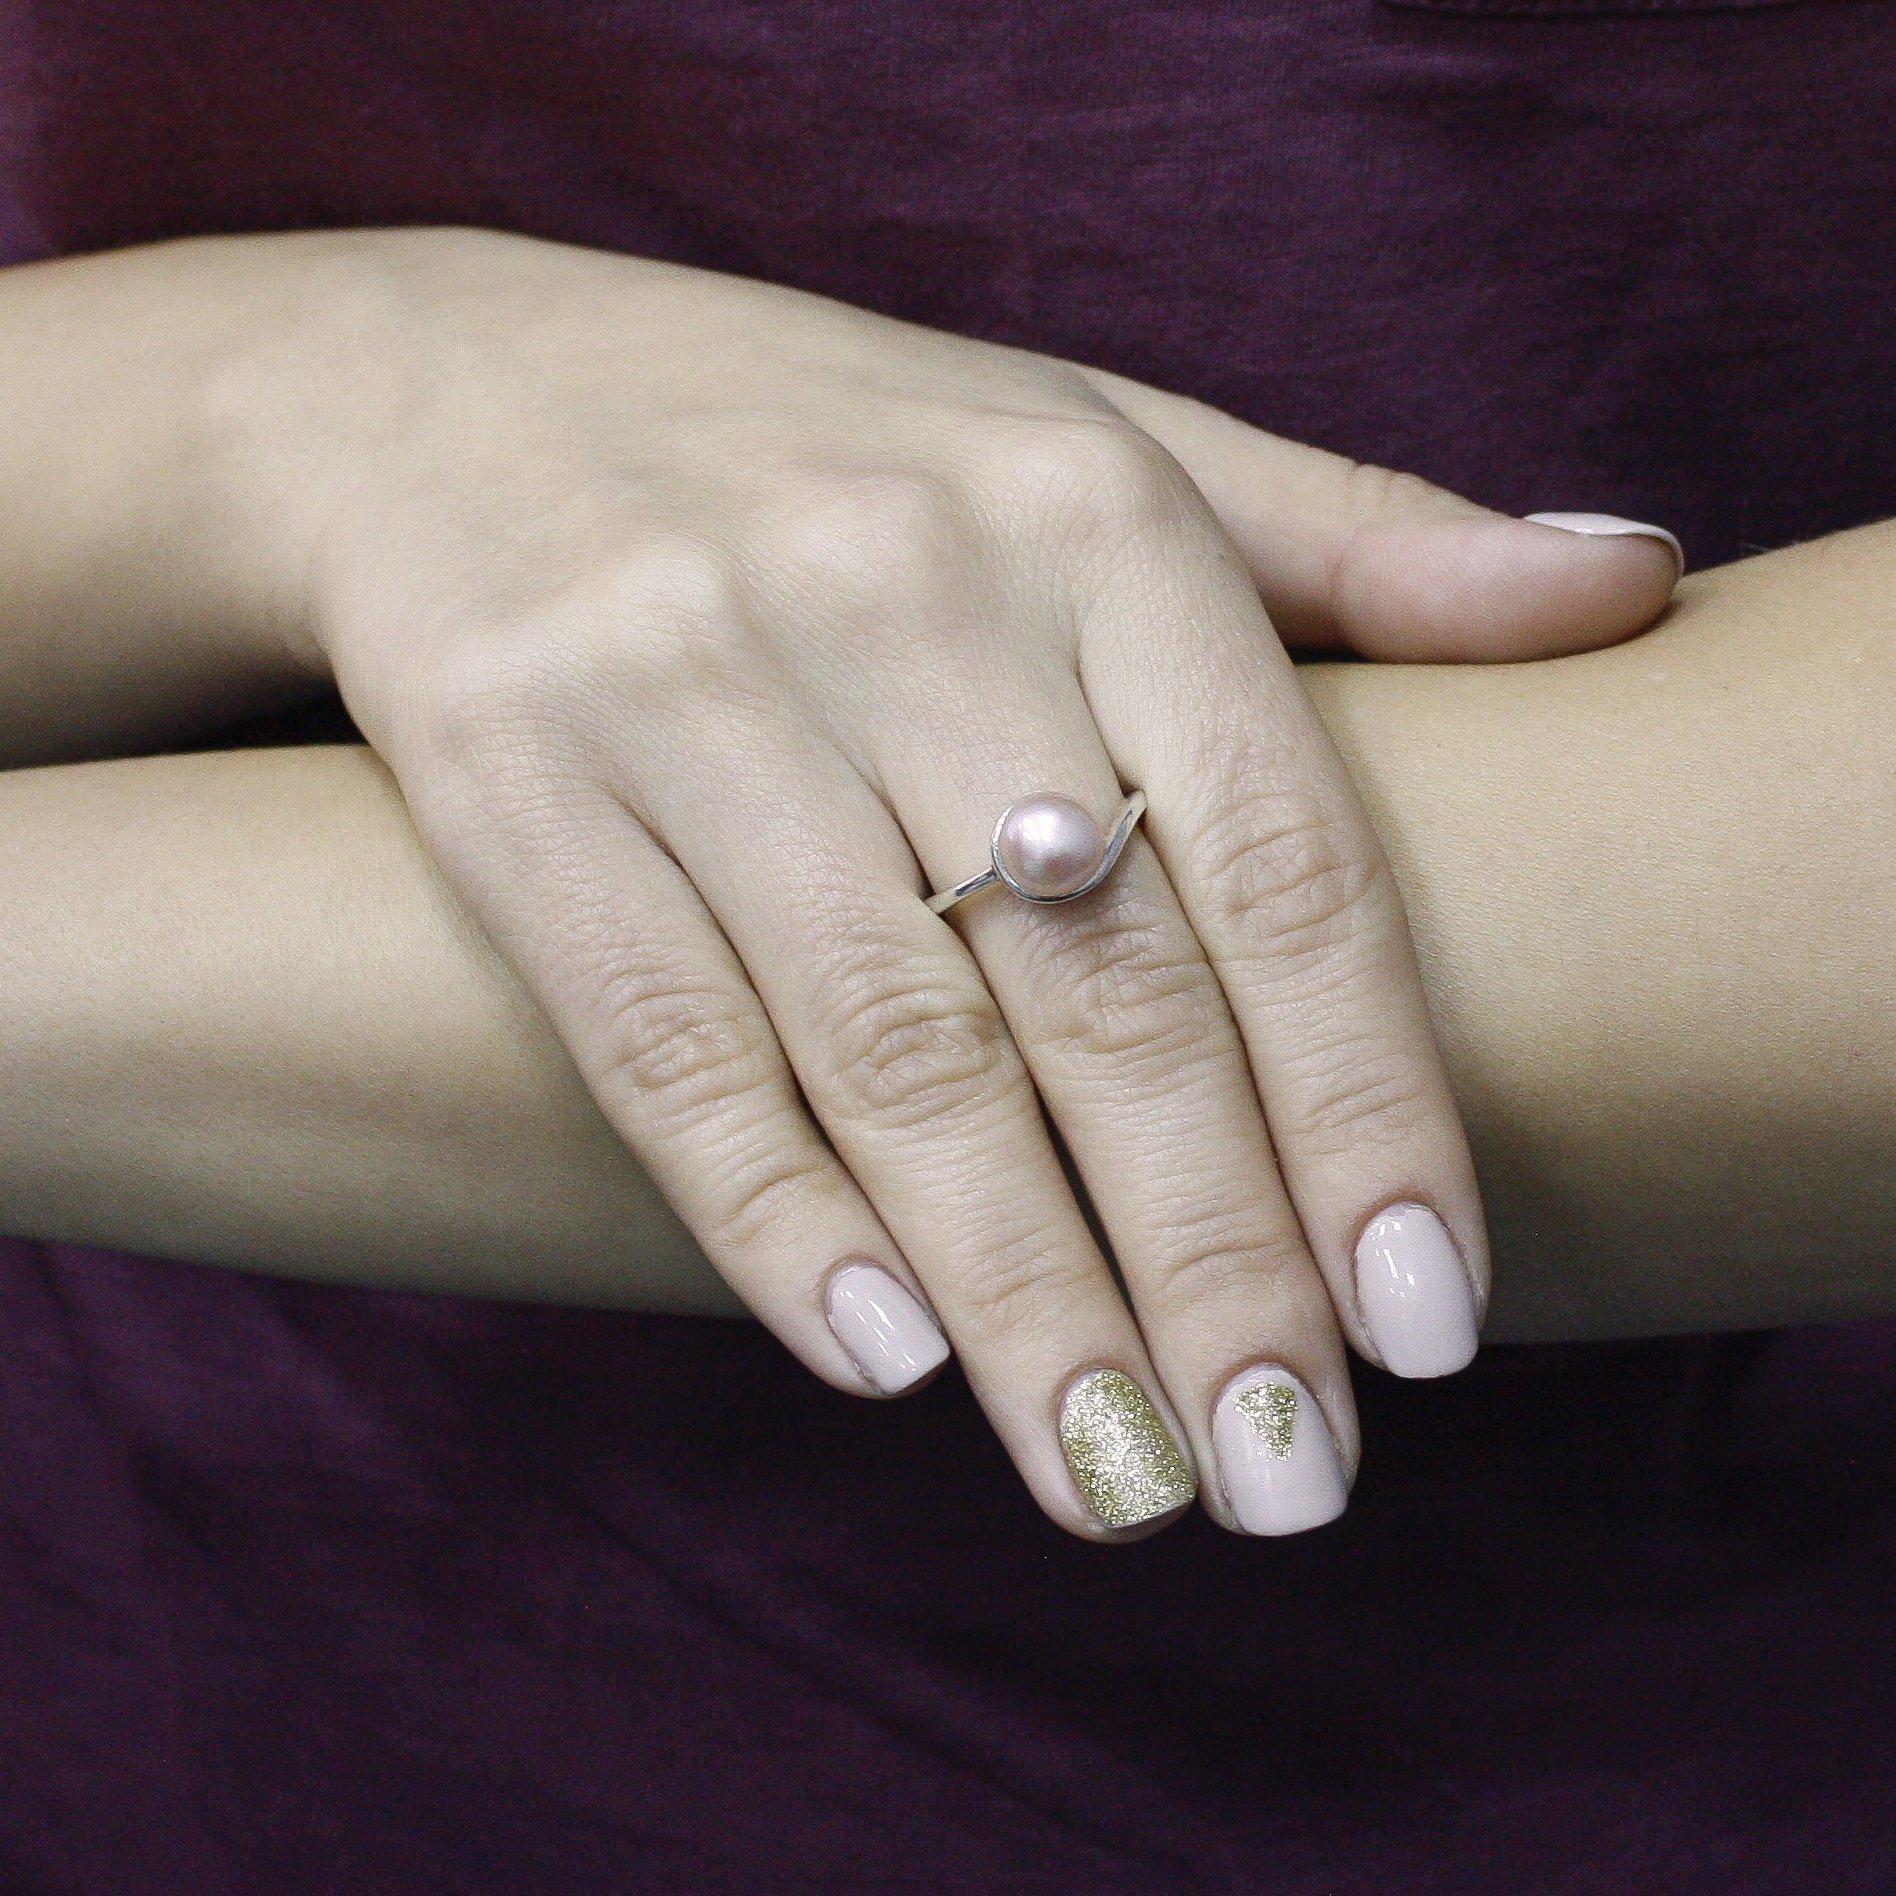 afb4b0f8e55c Ювелирные изделия жемчугом с розовыми. Купить ювелирные изделия ...